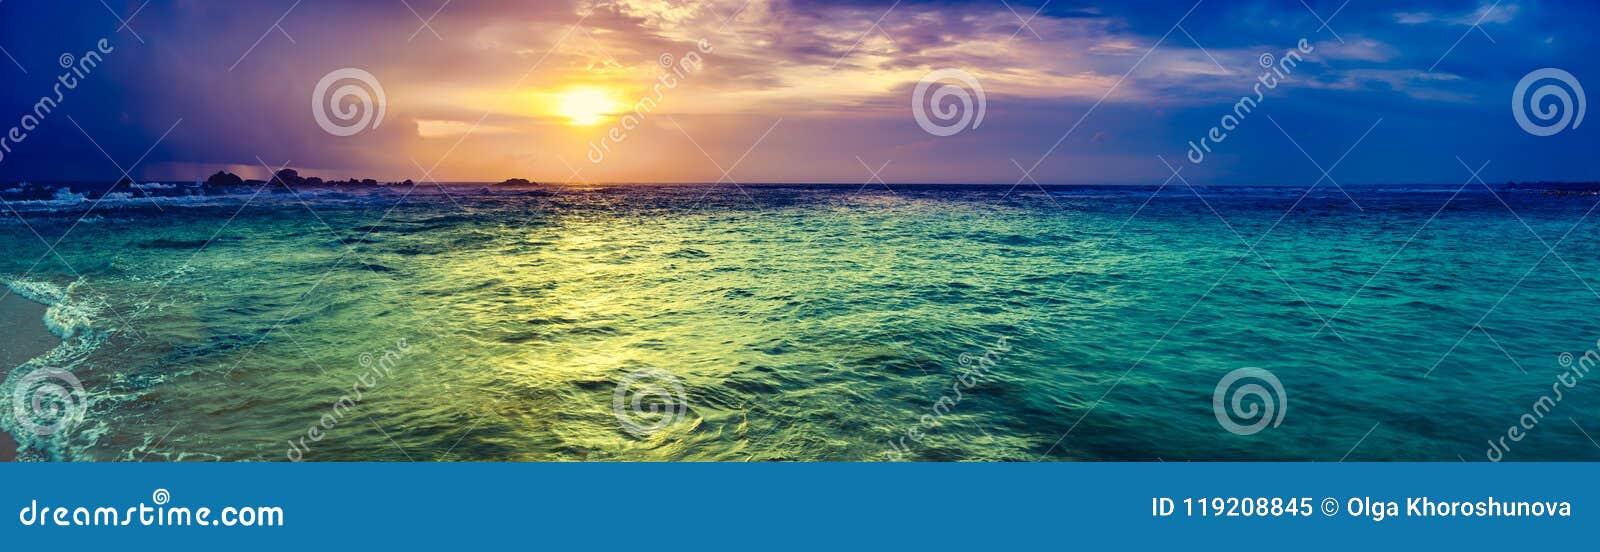 πέρα από το ηλιοβασίλεμα θάλασσας Καταπληκτικό πανόραμα τοπίων